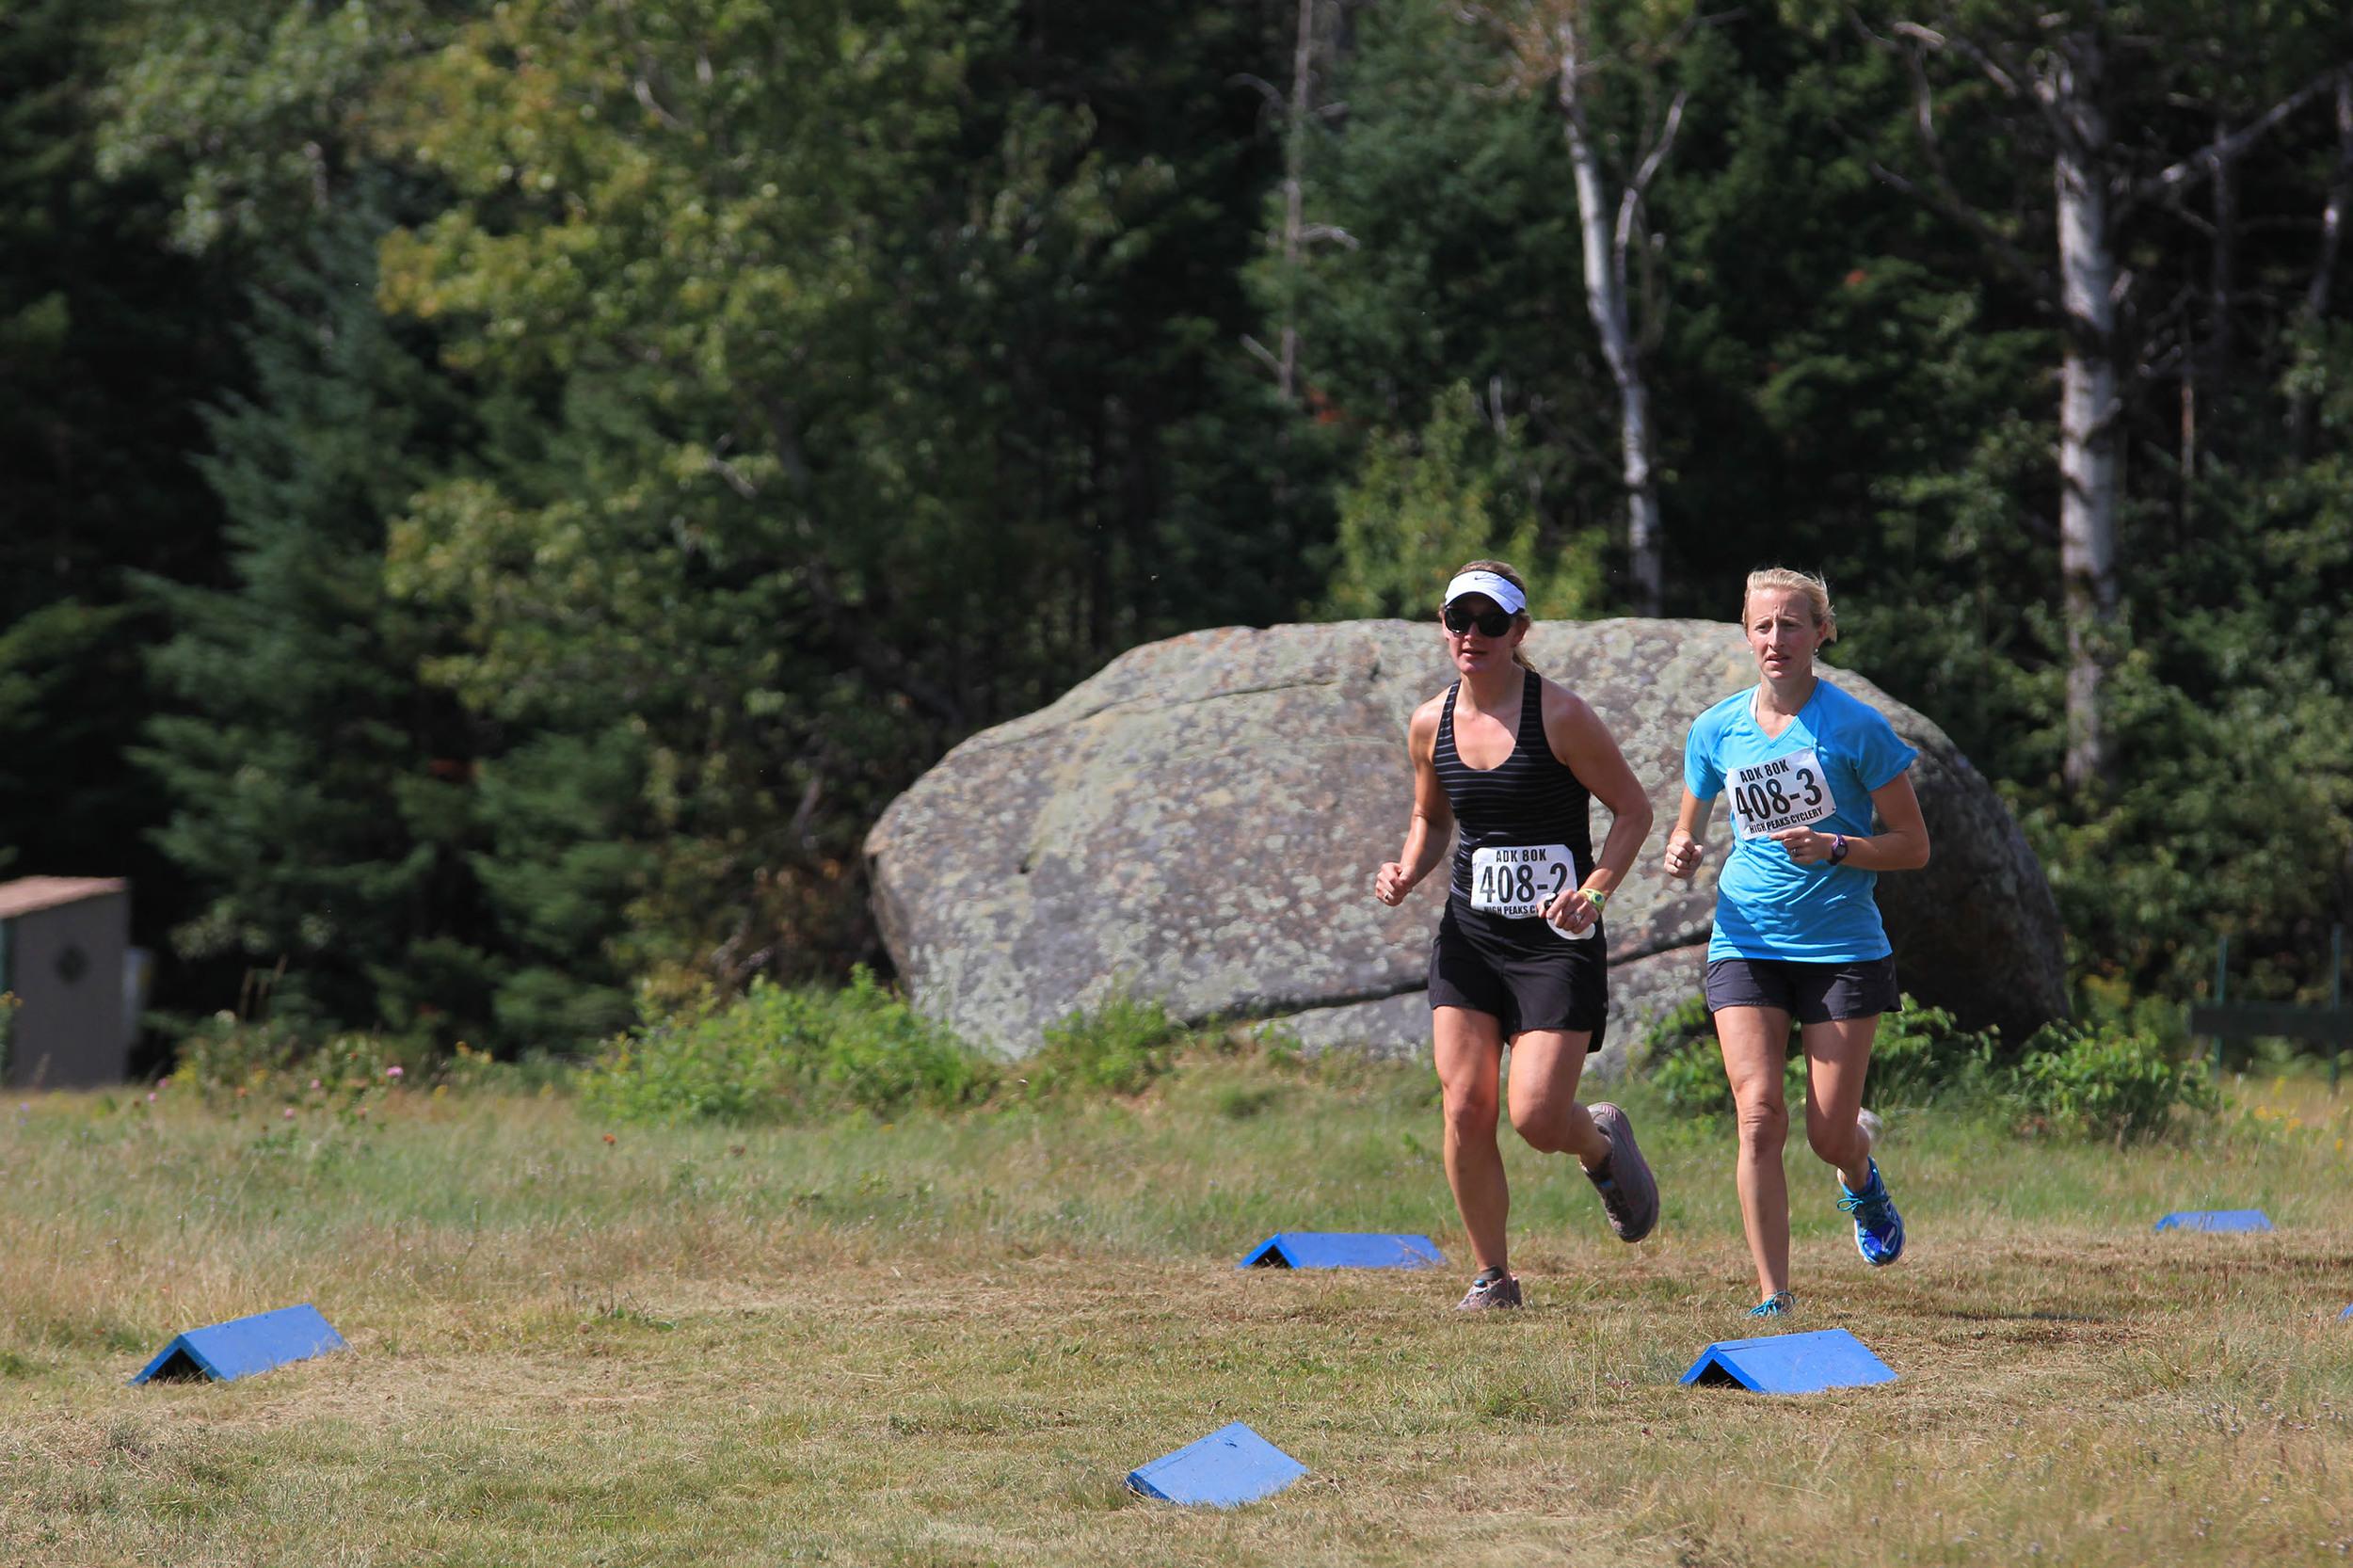 Runners in 2015 ADK 80K Trail Race. HPC